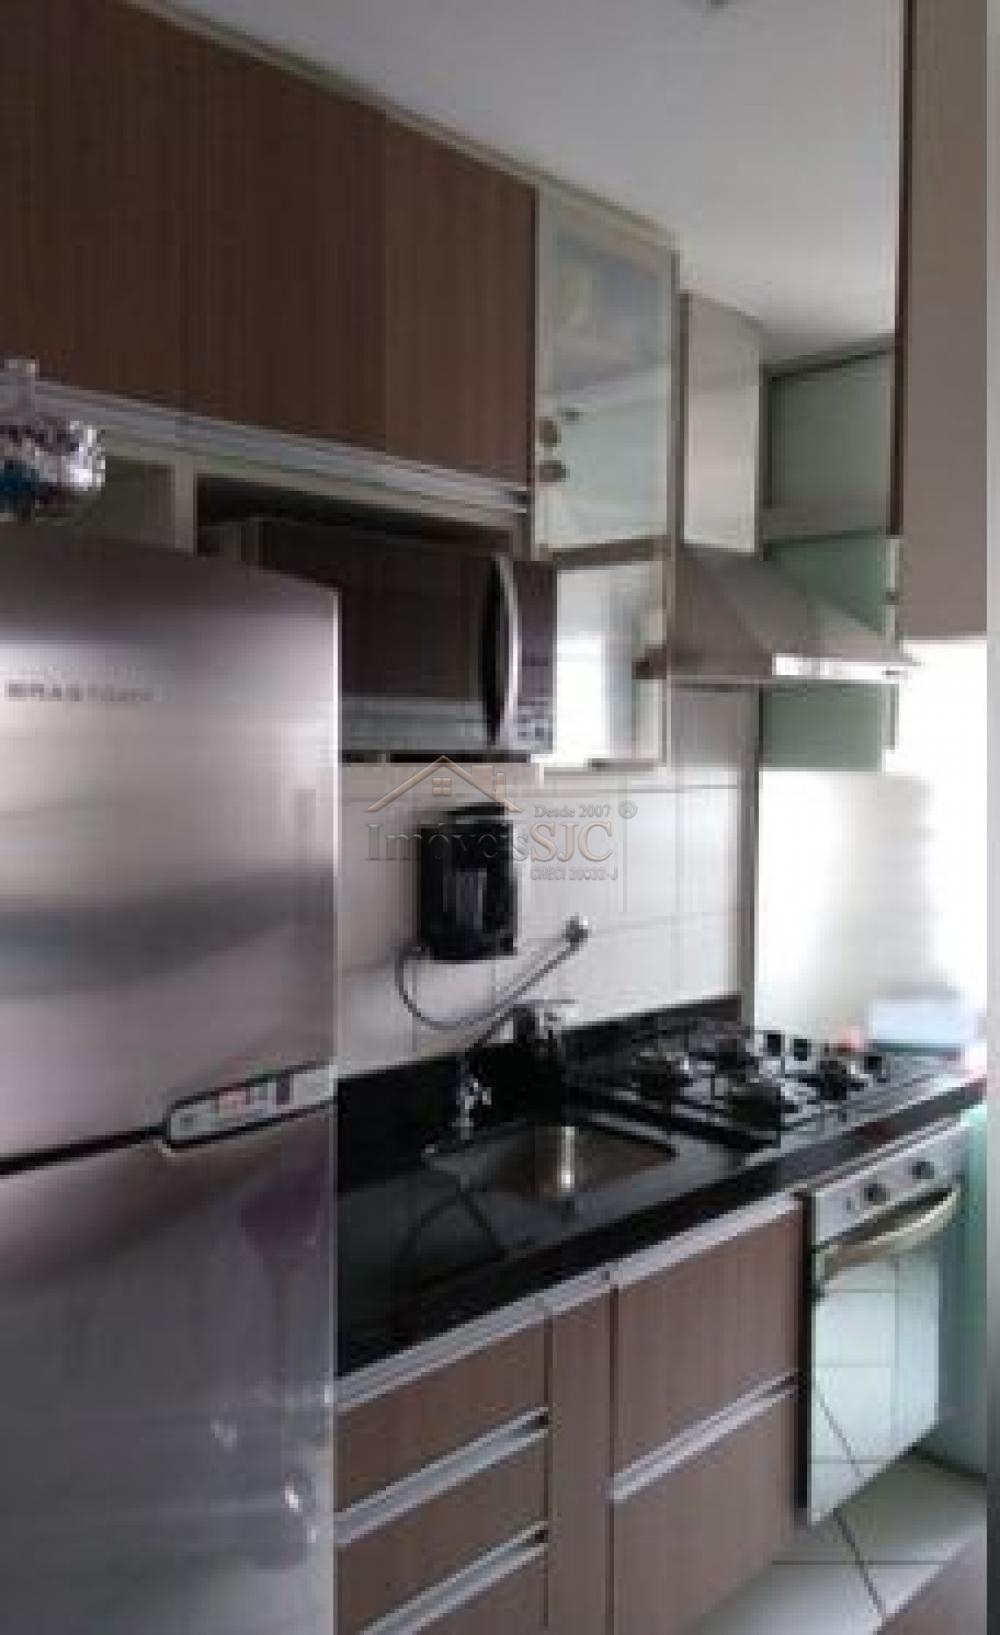 Comprar Apartamentos / Padrão em São José dos Campos apenas R$ 440.000,00 - Foto 7